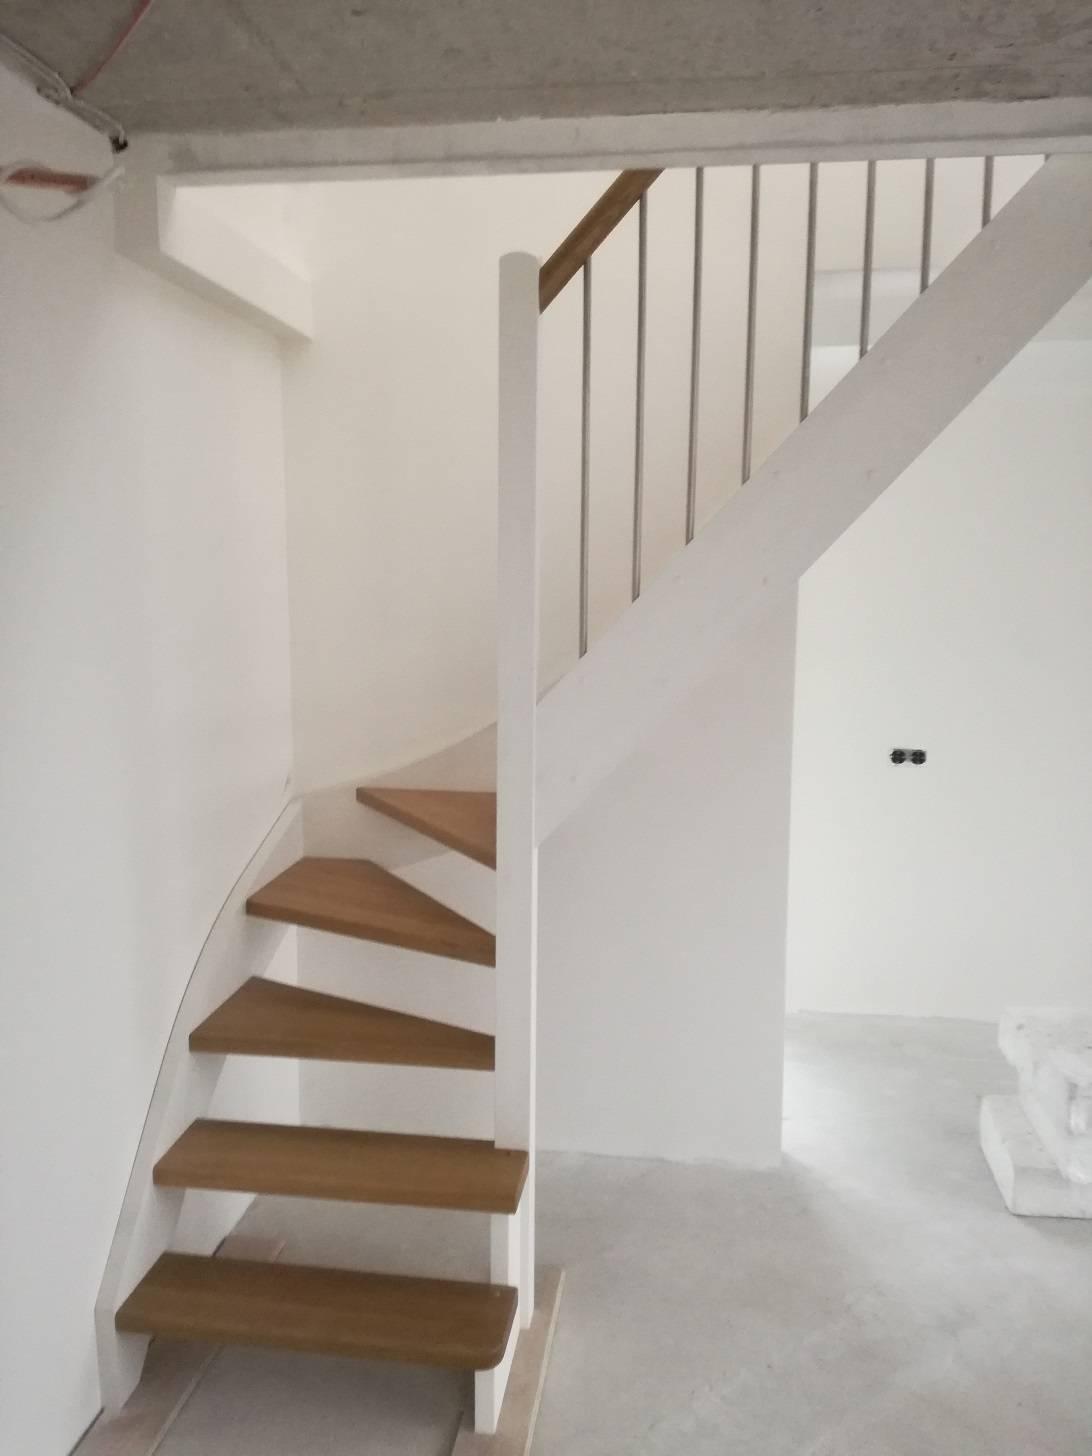 nerudijancio plieno laiptai tureklai gamyba